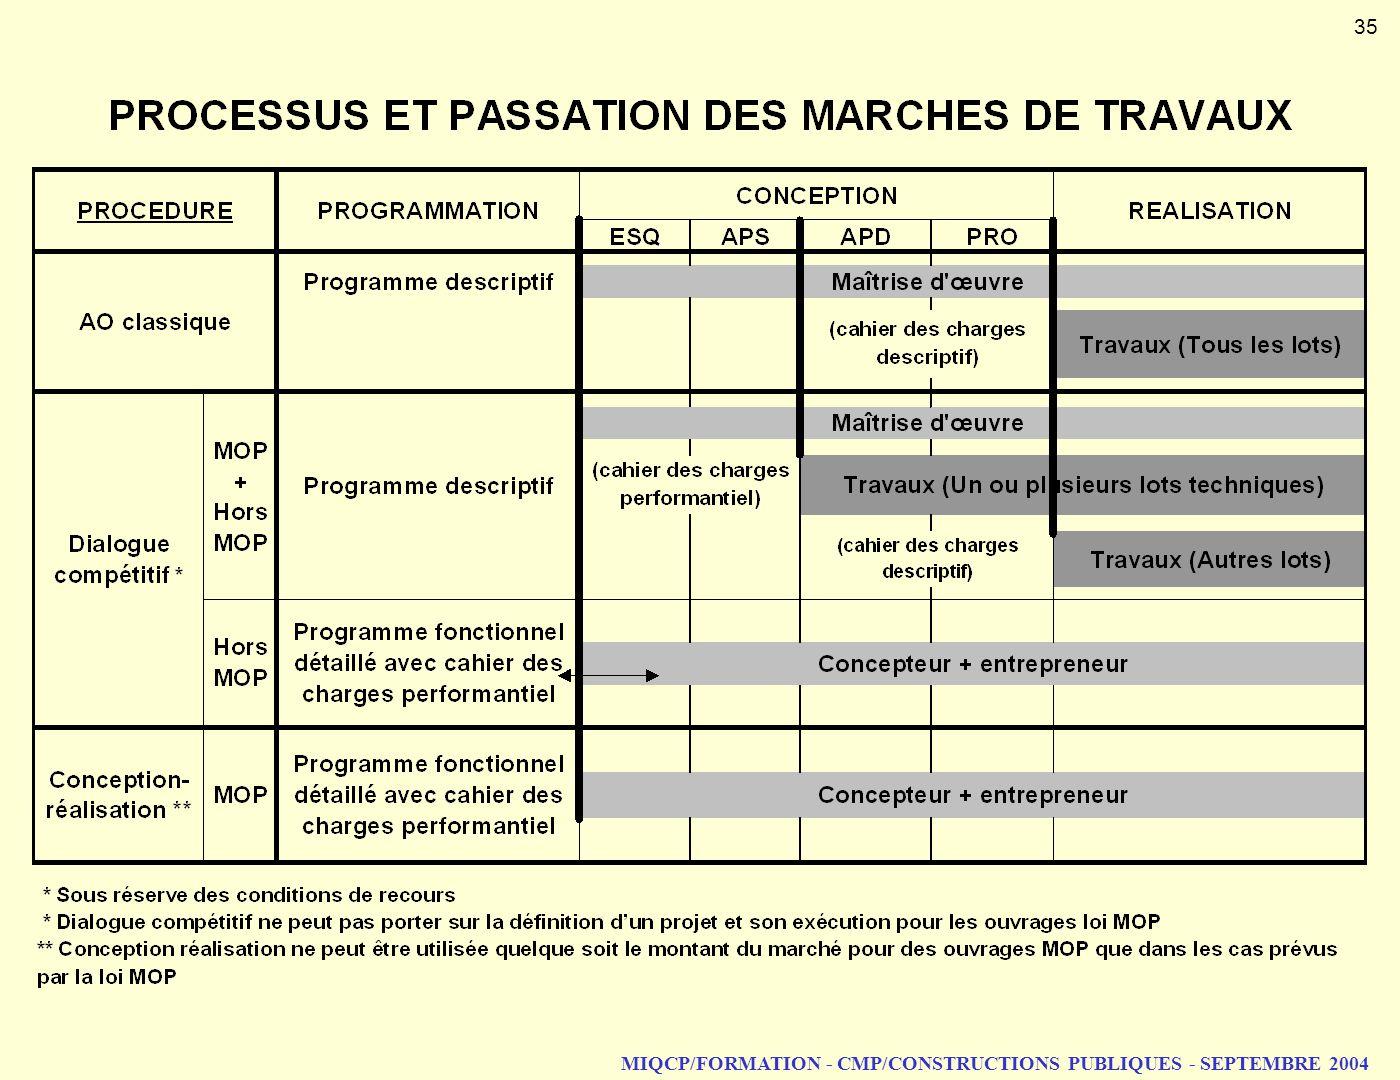 MIQCP/FORMATION - CMP/CONSTRUCTIONS PUBLIQUES - SEPTEMBRE 2004 35